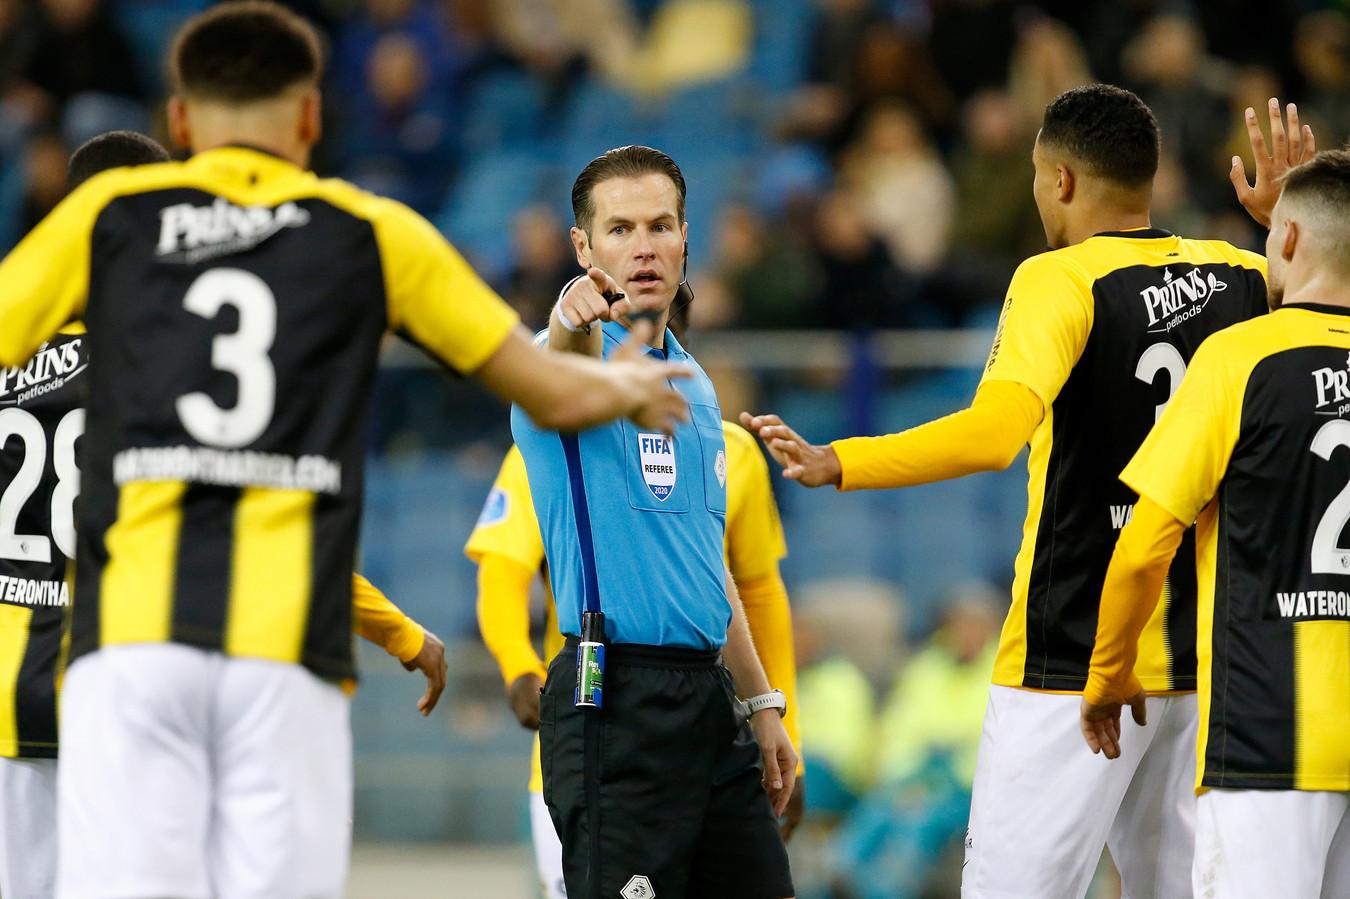 Scheidsrechter Makkelie wijst naar de stip in GelreDome. In samenwerking met de VAR volgt een strafschop voor PSV in het duel met Vitesse.